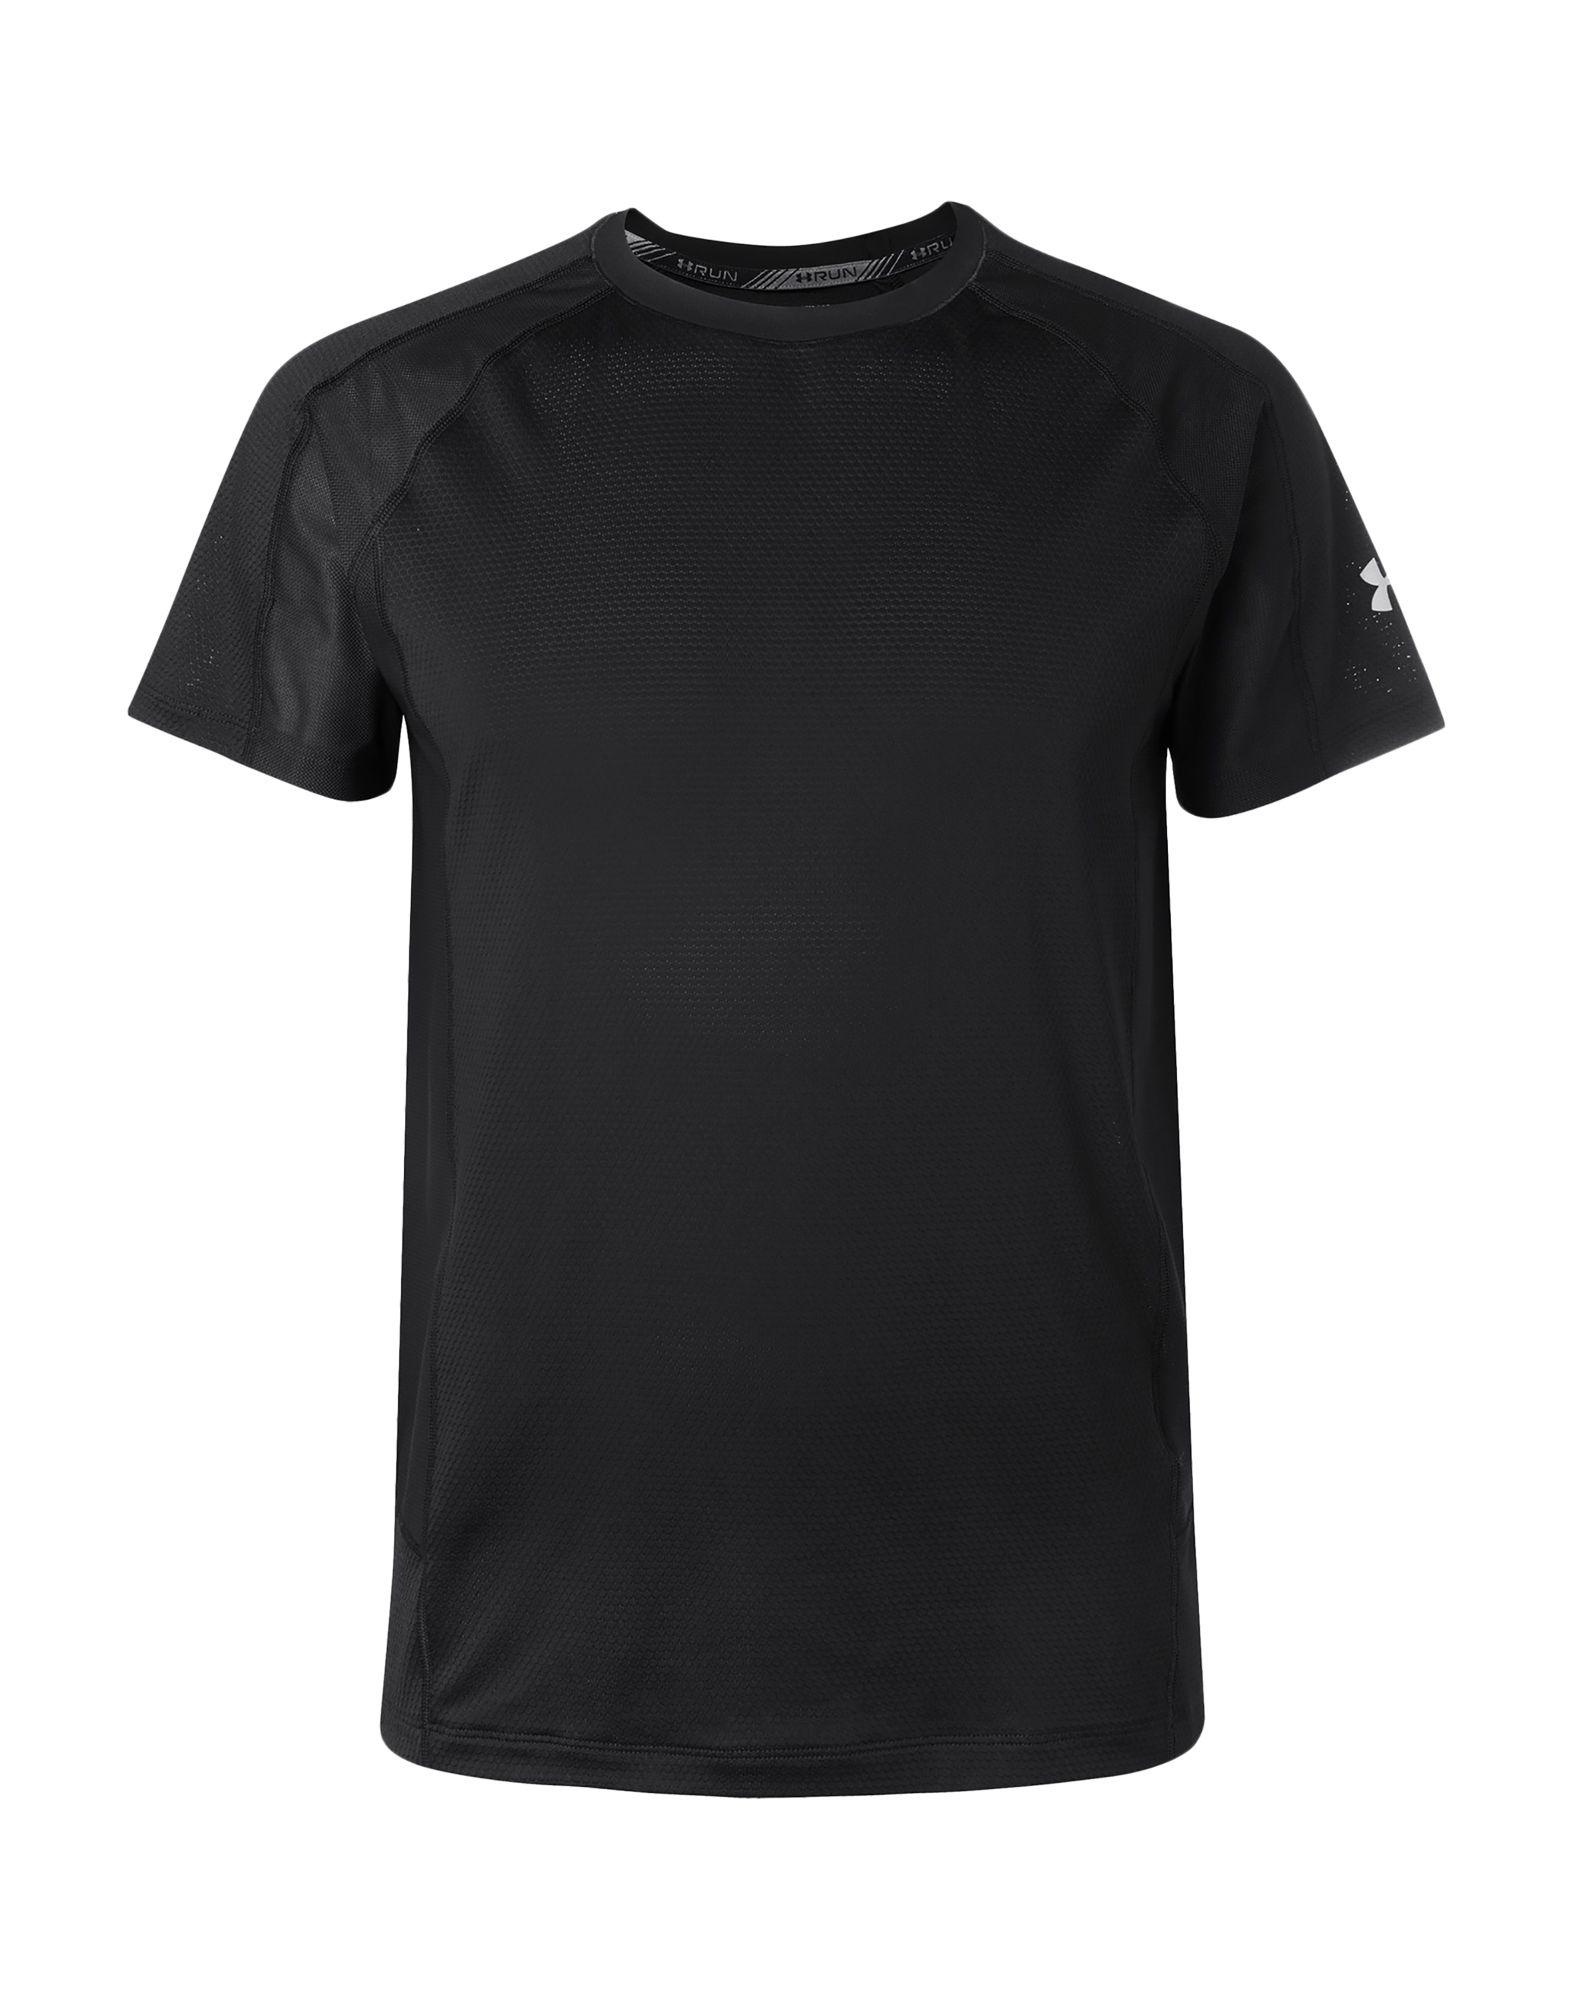 《送料無料》UNDER ARMOUR メンズ T シャツ ブラック L ポリエステル 95% / ポリウレタン 5% / ナイロン